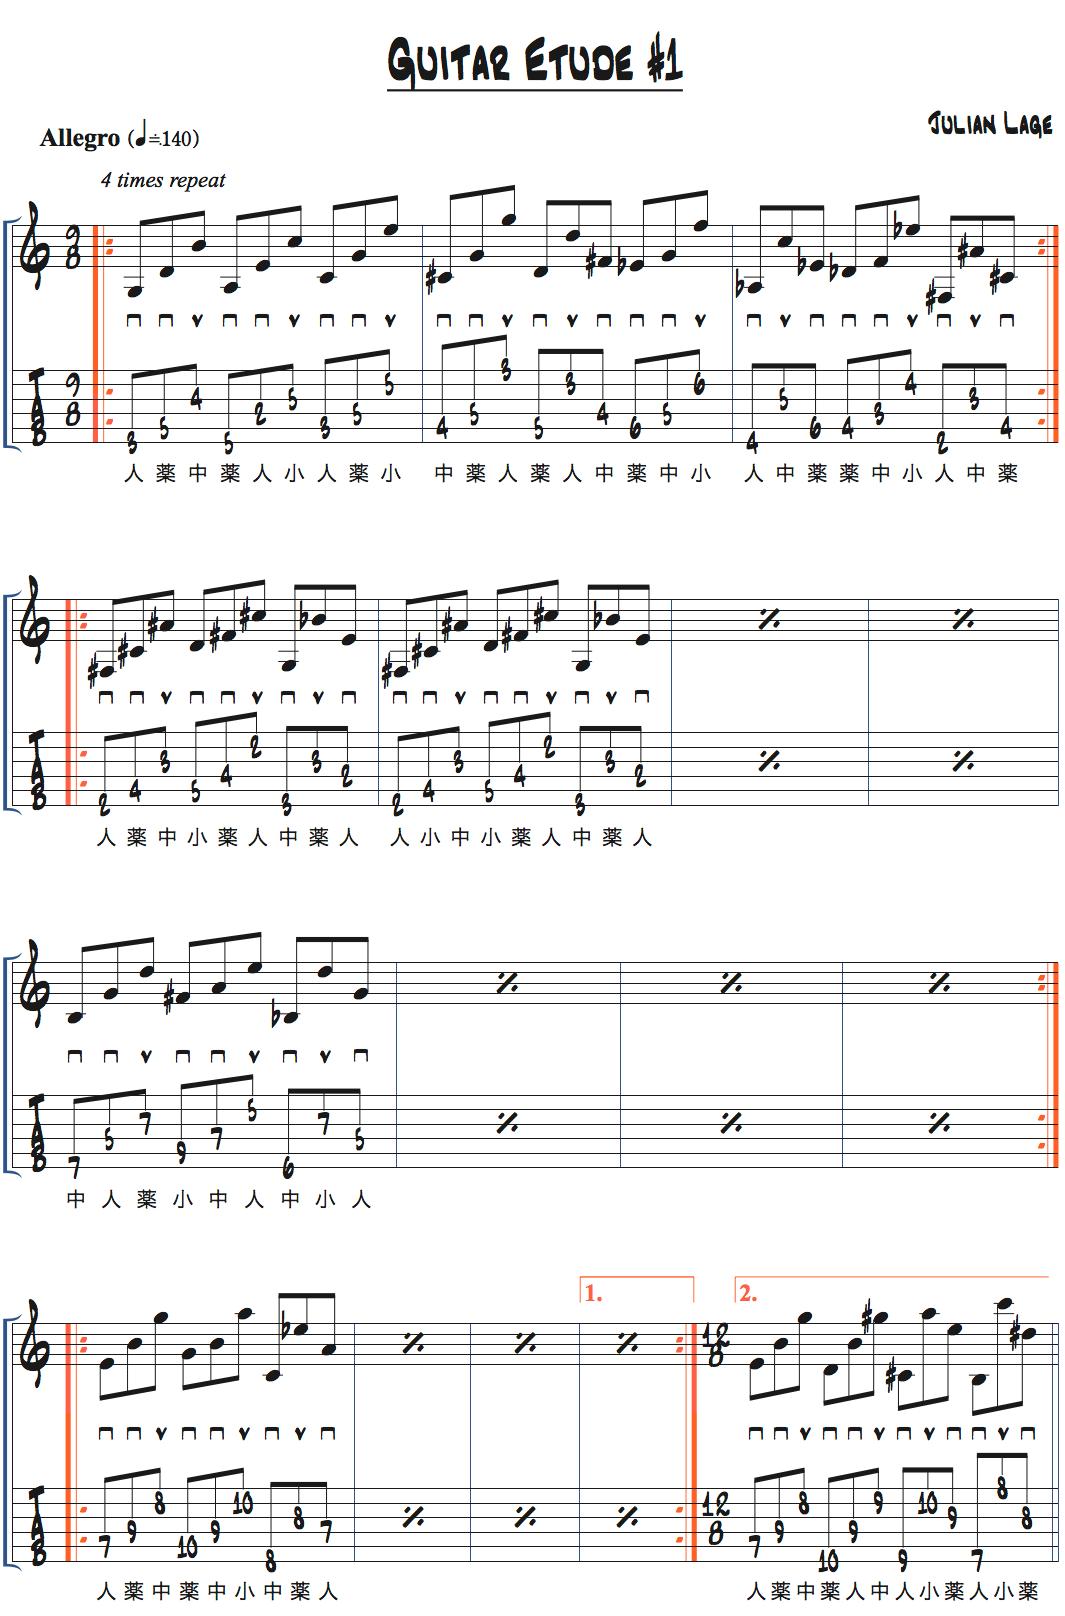 ジュリアン・ラージのGuitar Etude1タブ譜つきコピー譜ページ1